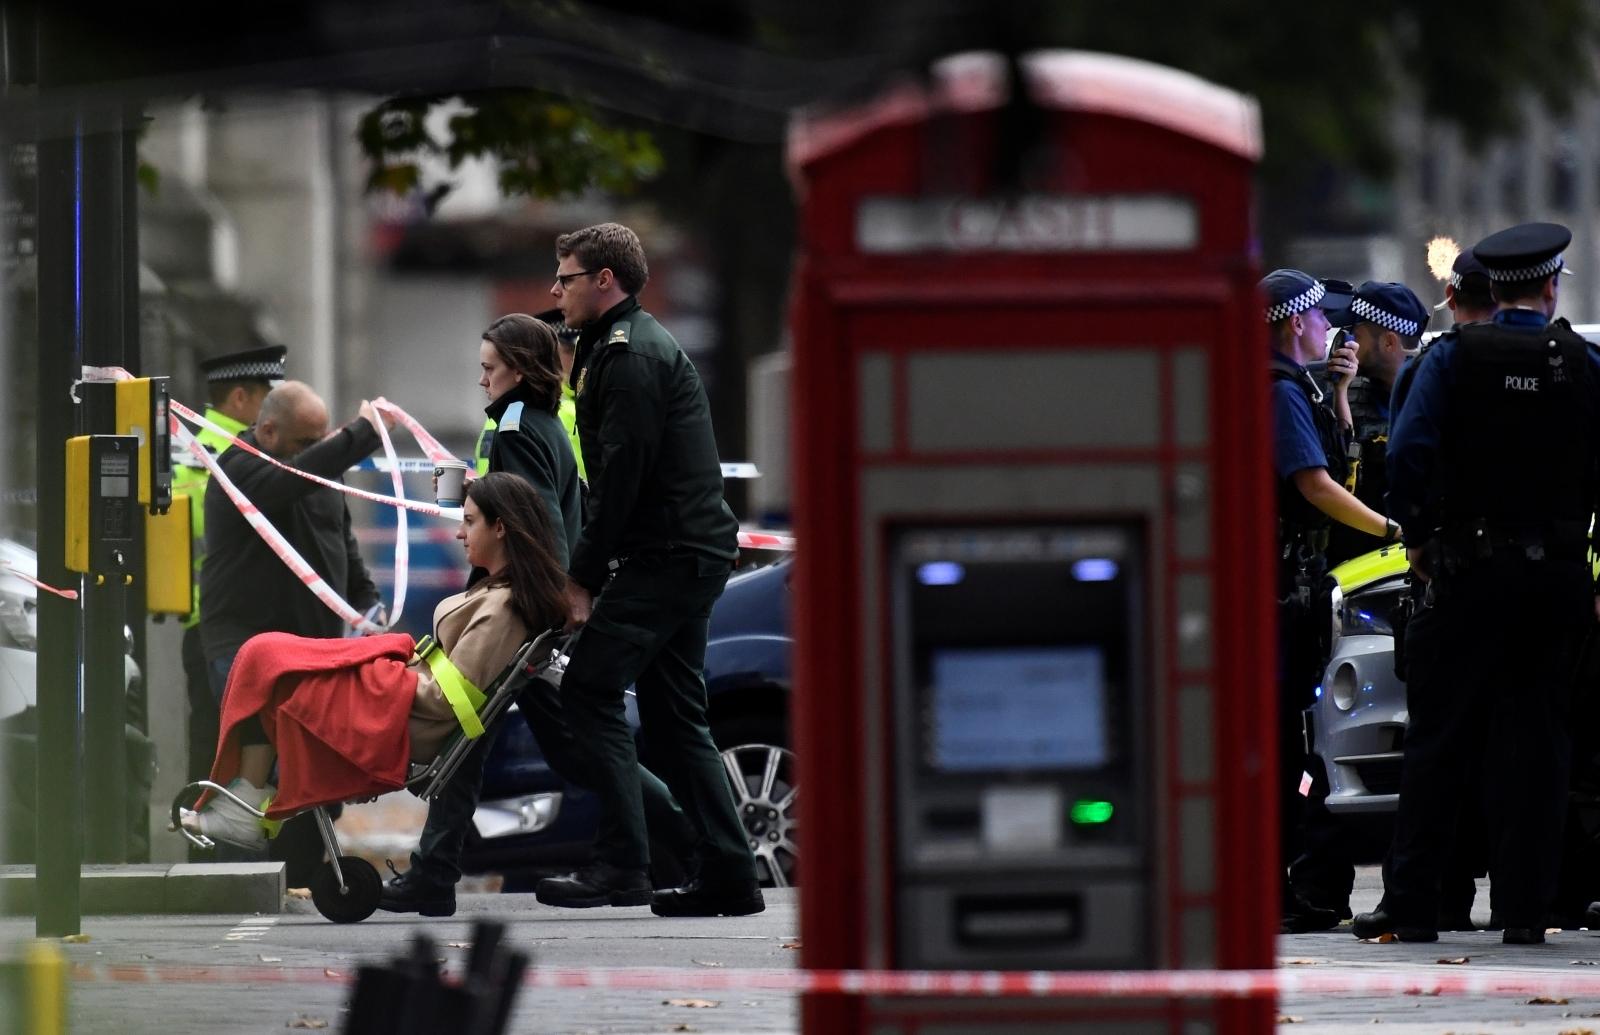 Exhibition Road Terror attack